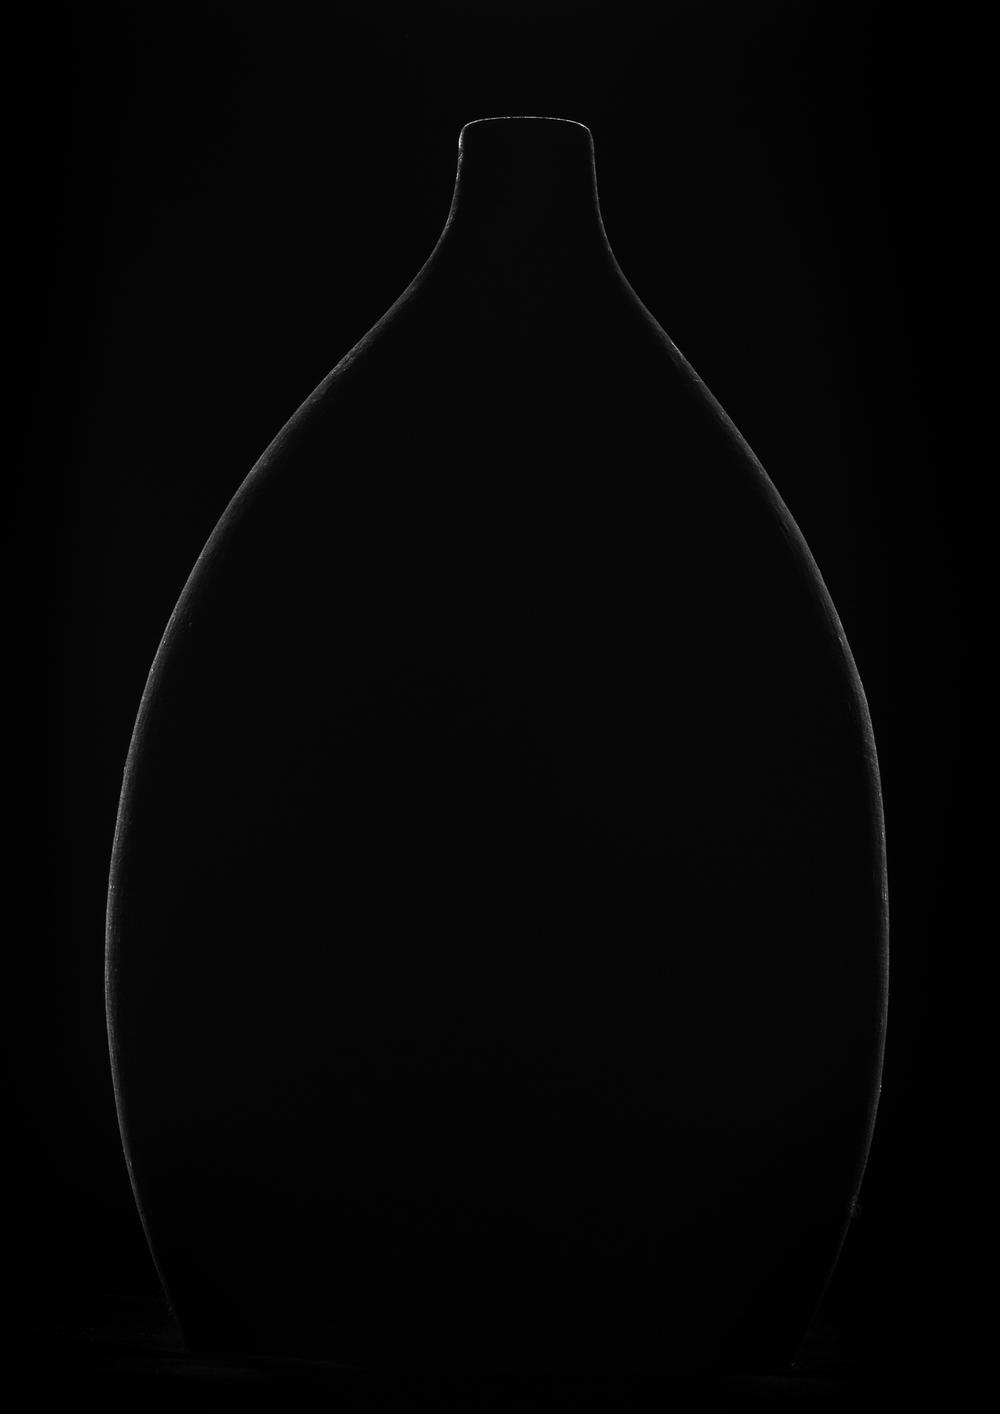 JG42_1.9.01_SeirerMichael-3.jpg